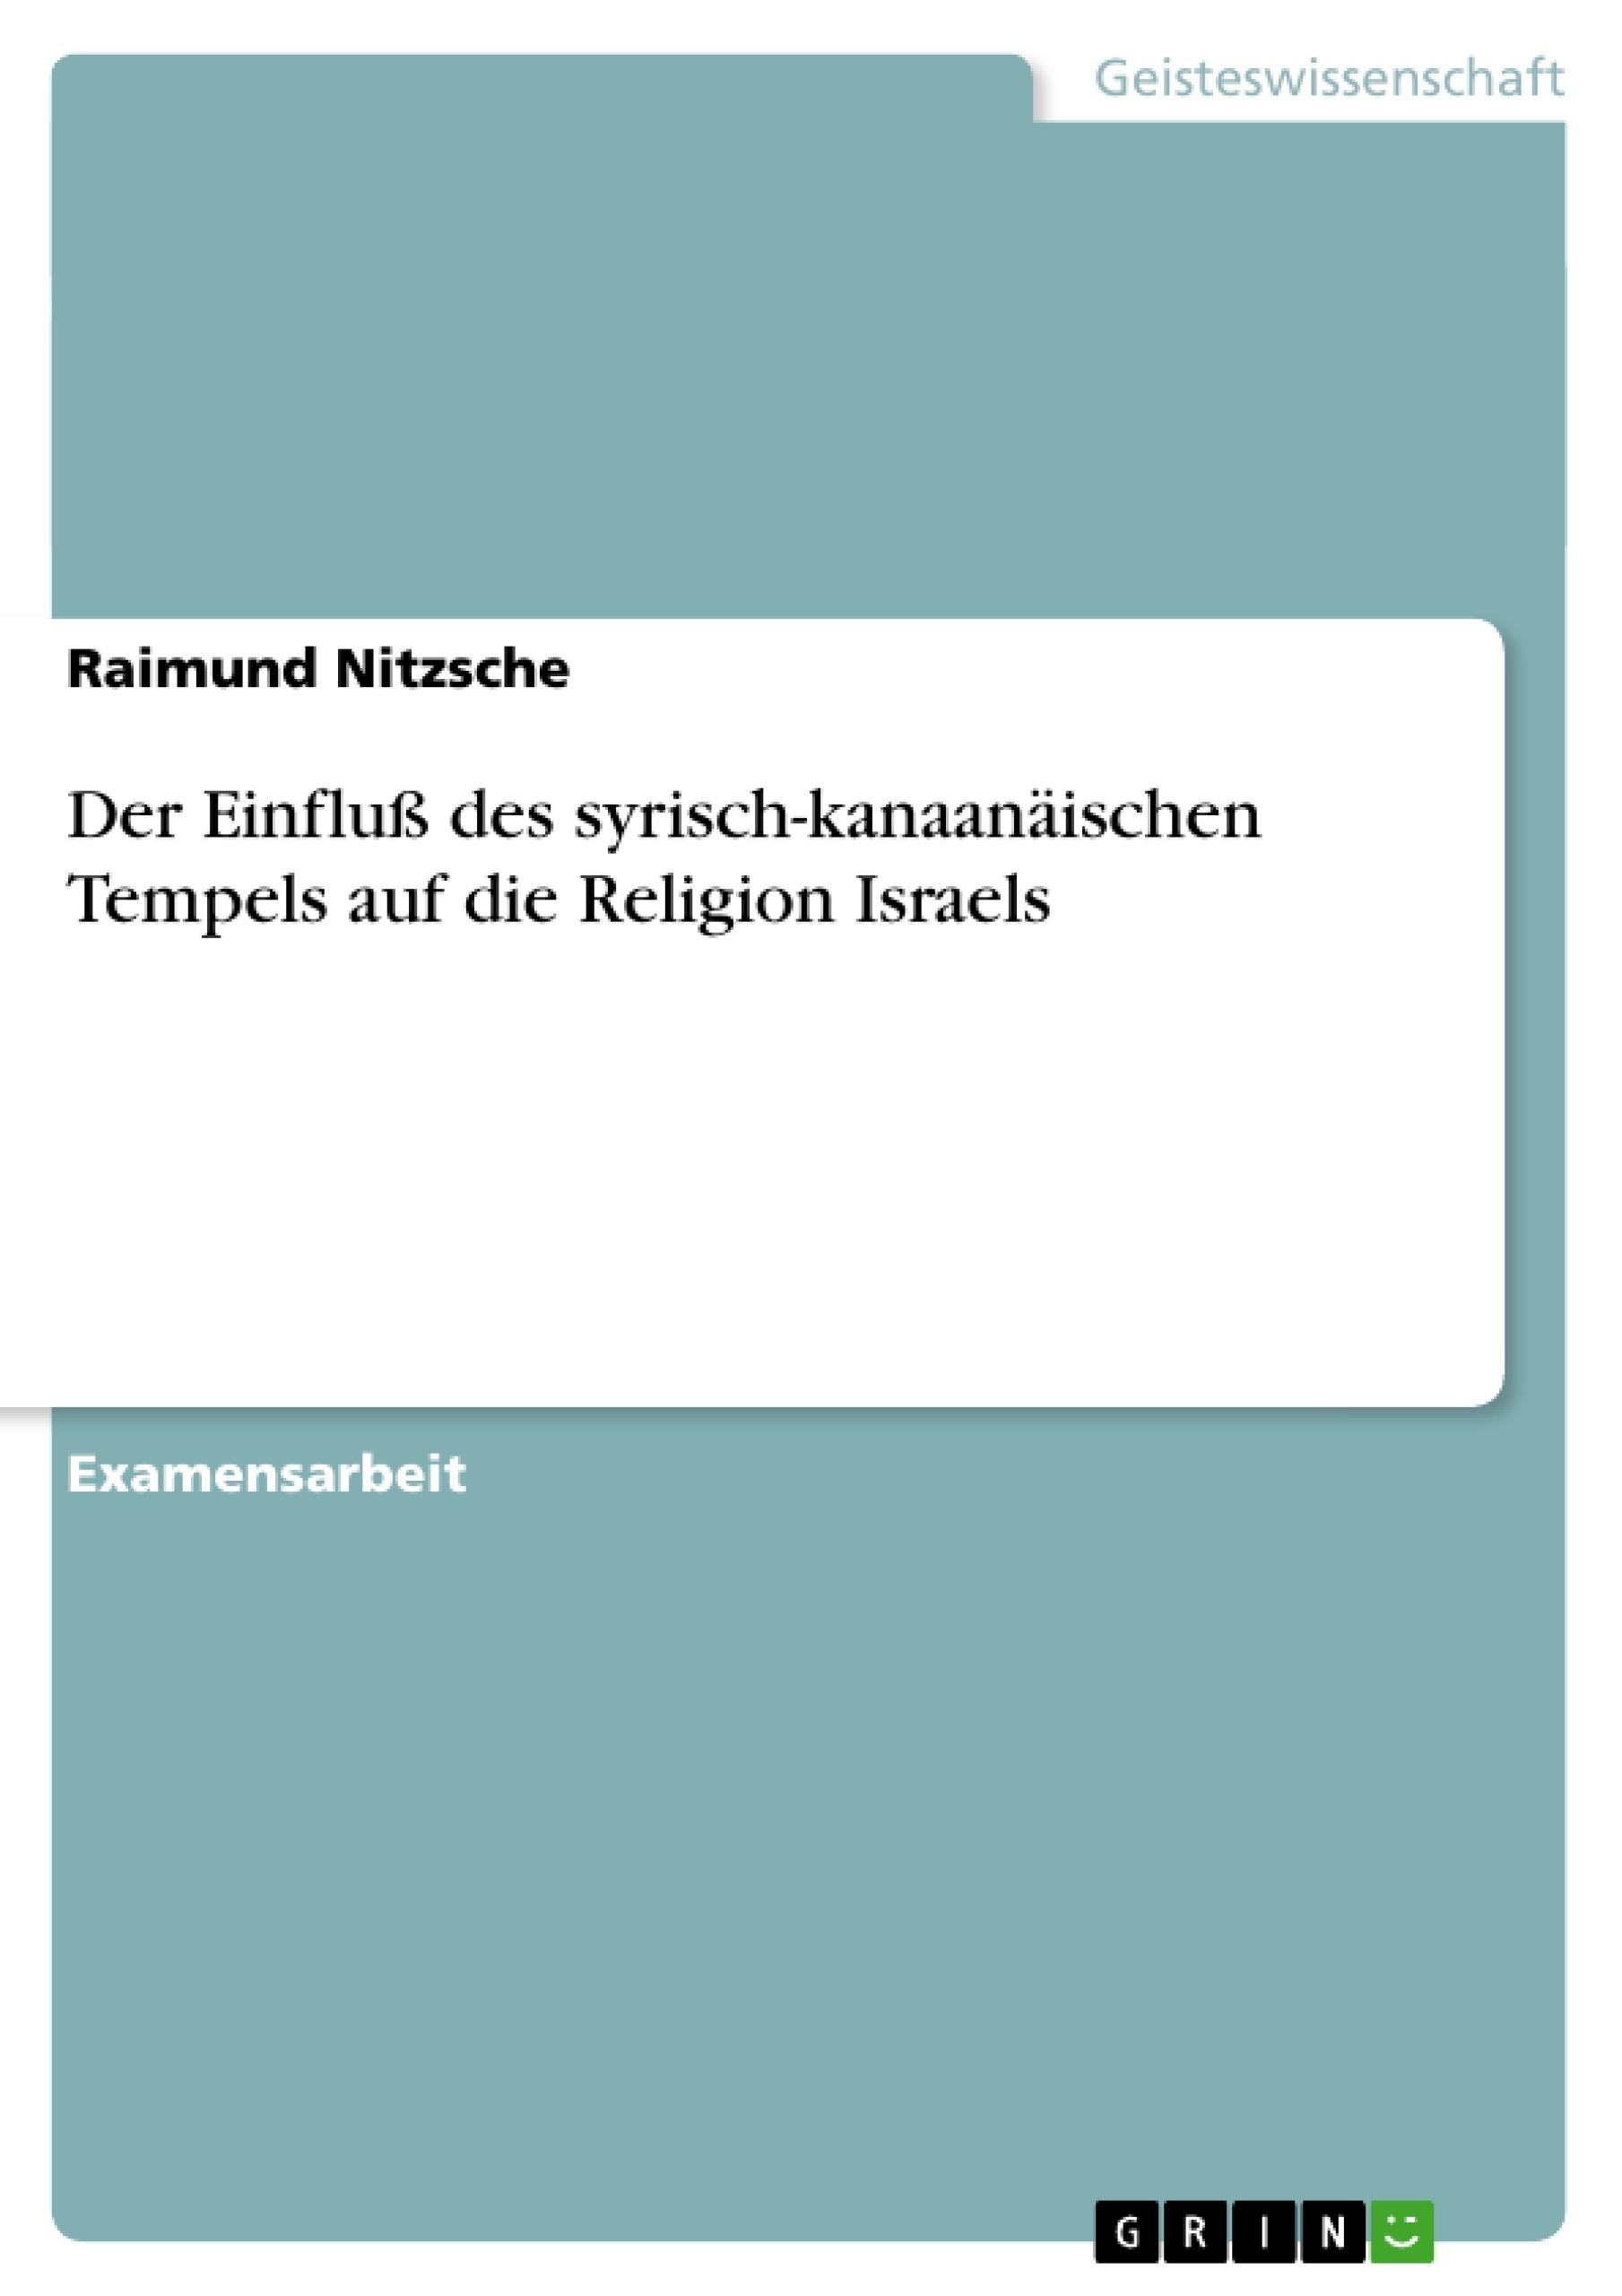 Titel: Der Einfluß des syrisch-kanaanäischen Tempels auf die Religion Israels